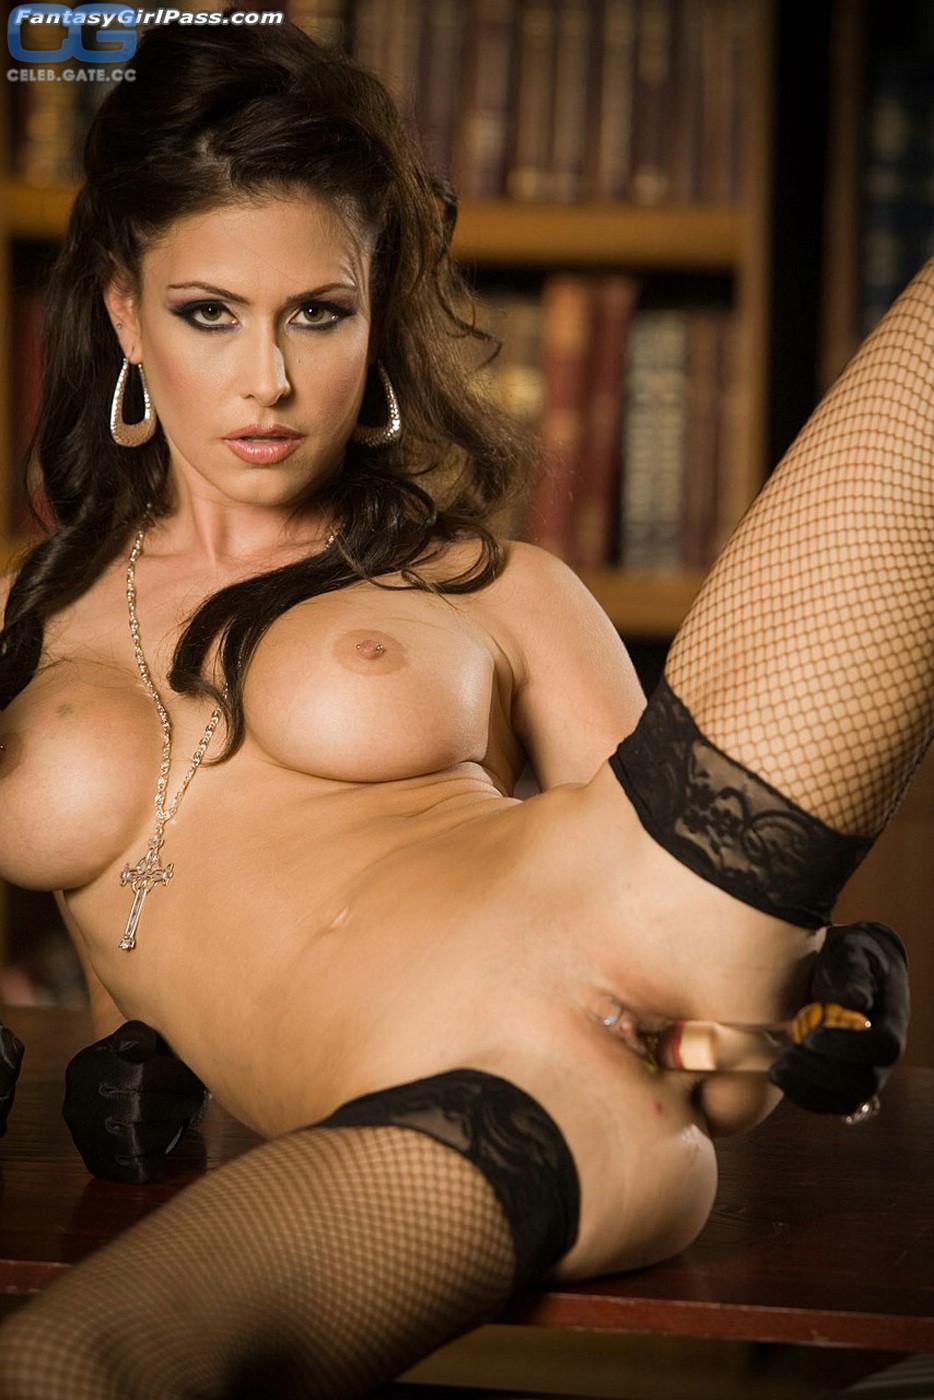 Hot girl blowjob